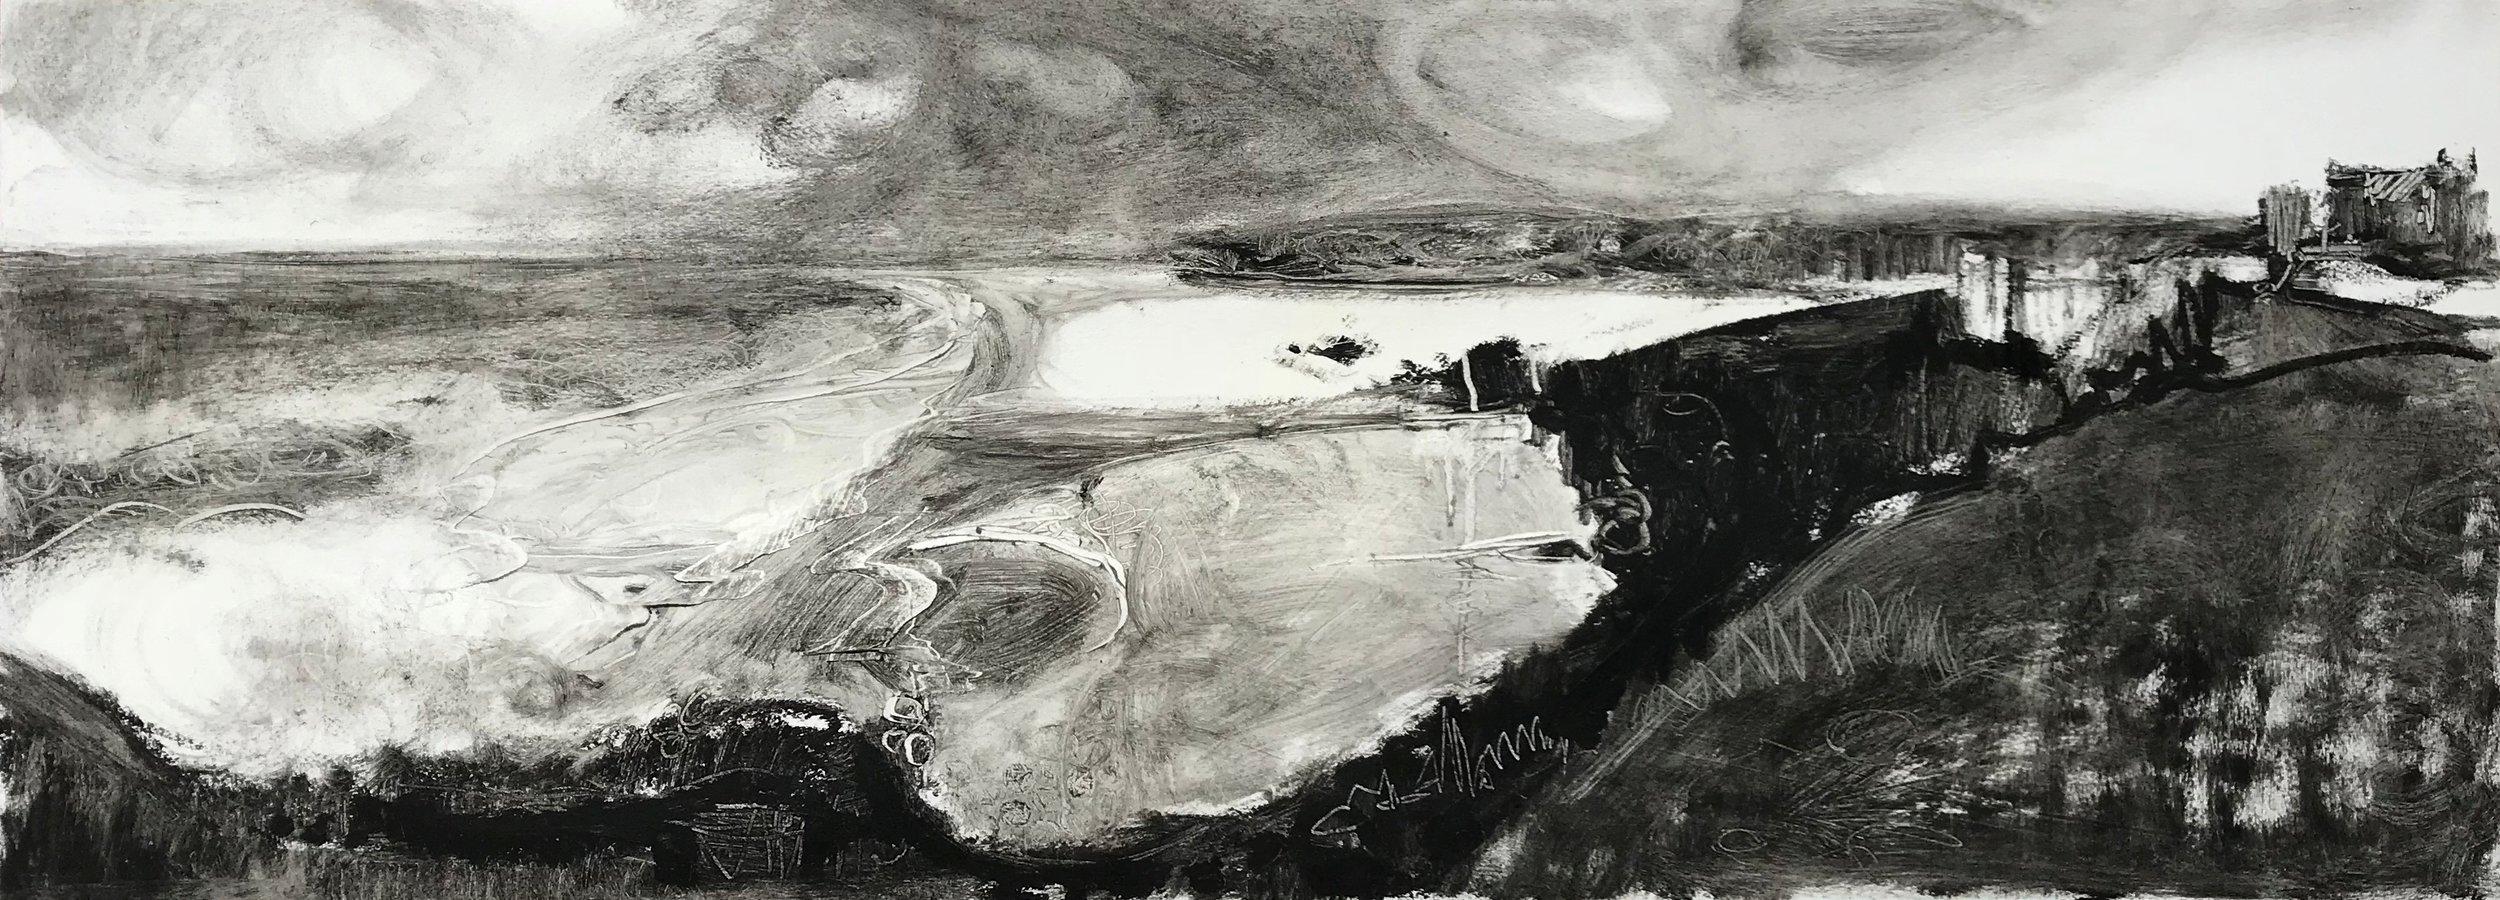 Liane STEVENSON, Perranporth, Black oil stick on varnished paper, 29 cm x 78 cm,  http://Lianestevenson.theartistsweb.co.uk